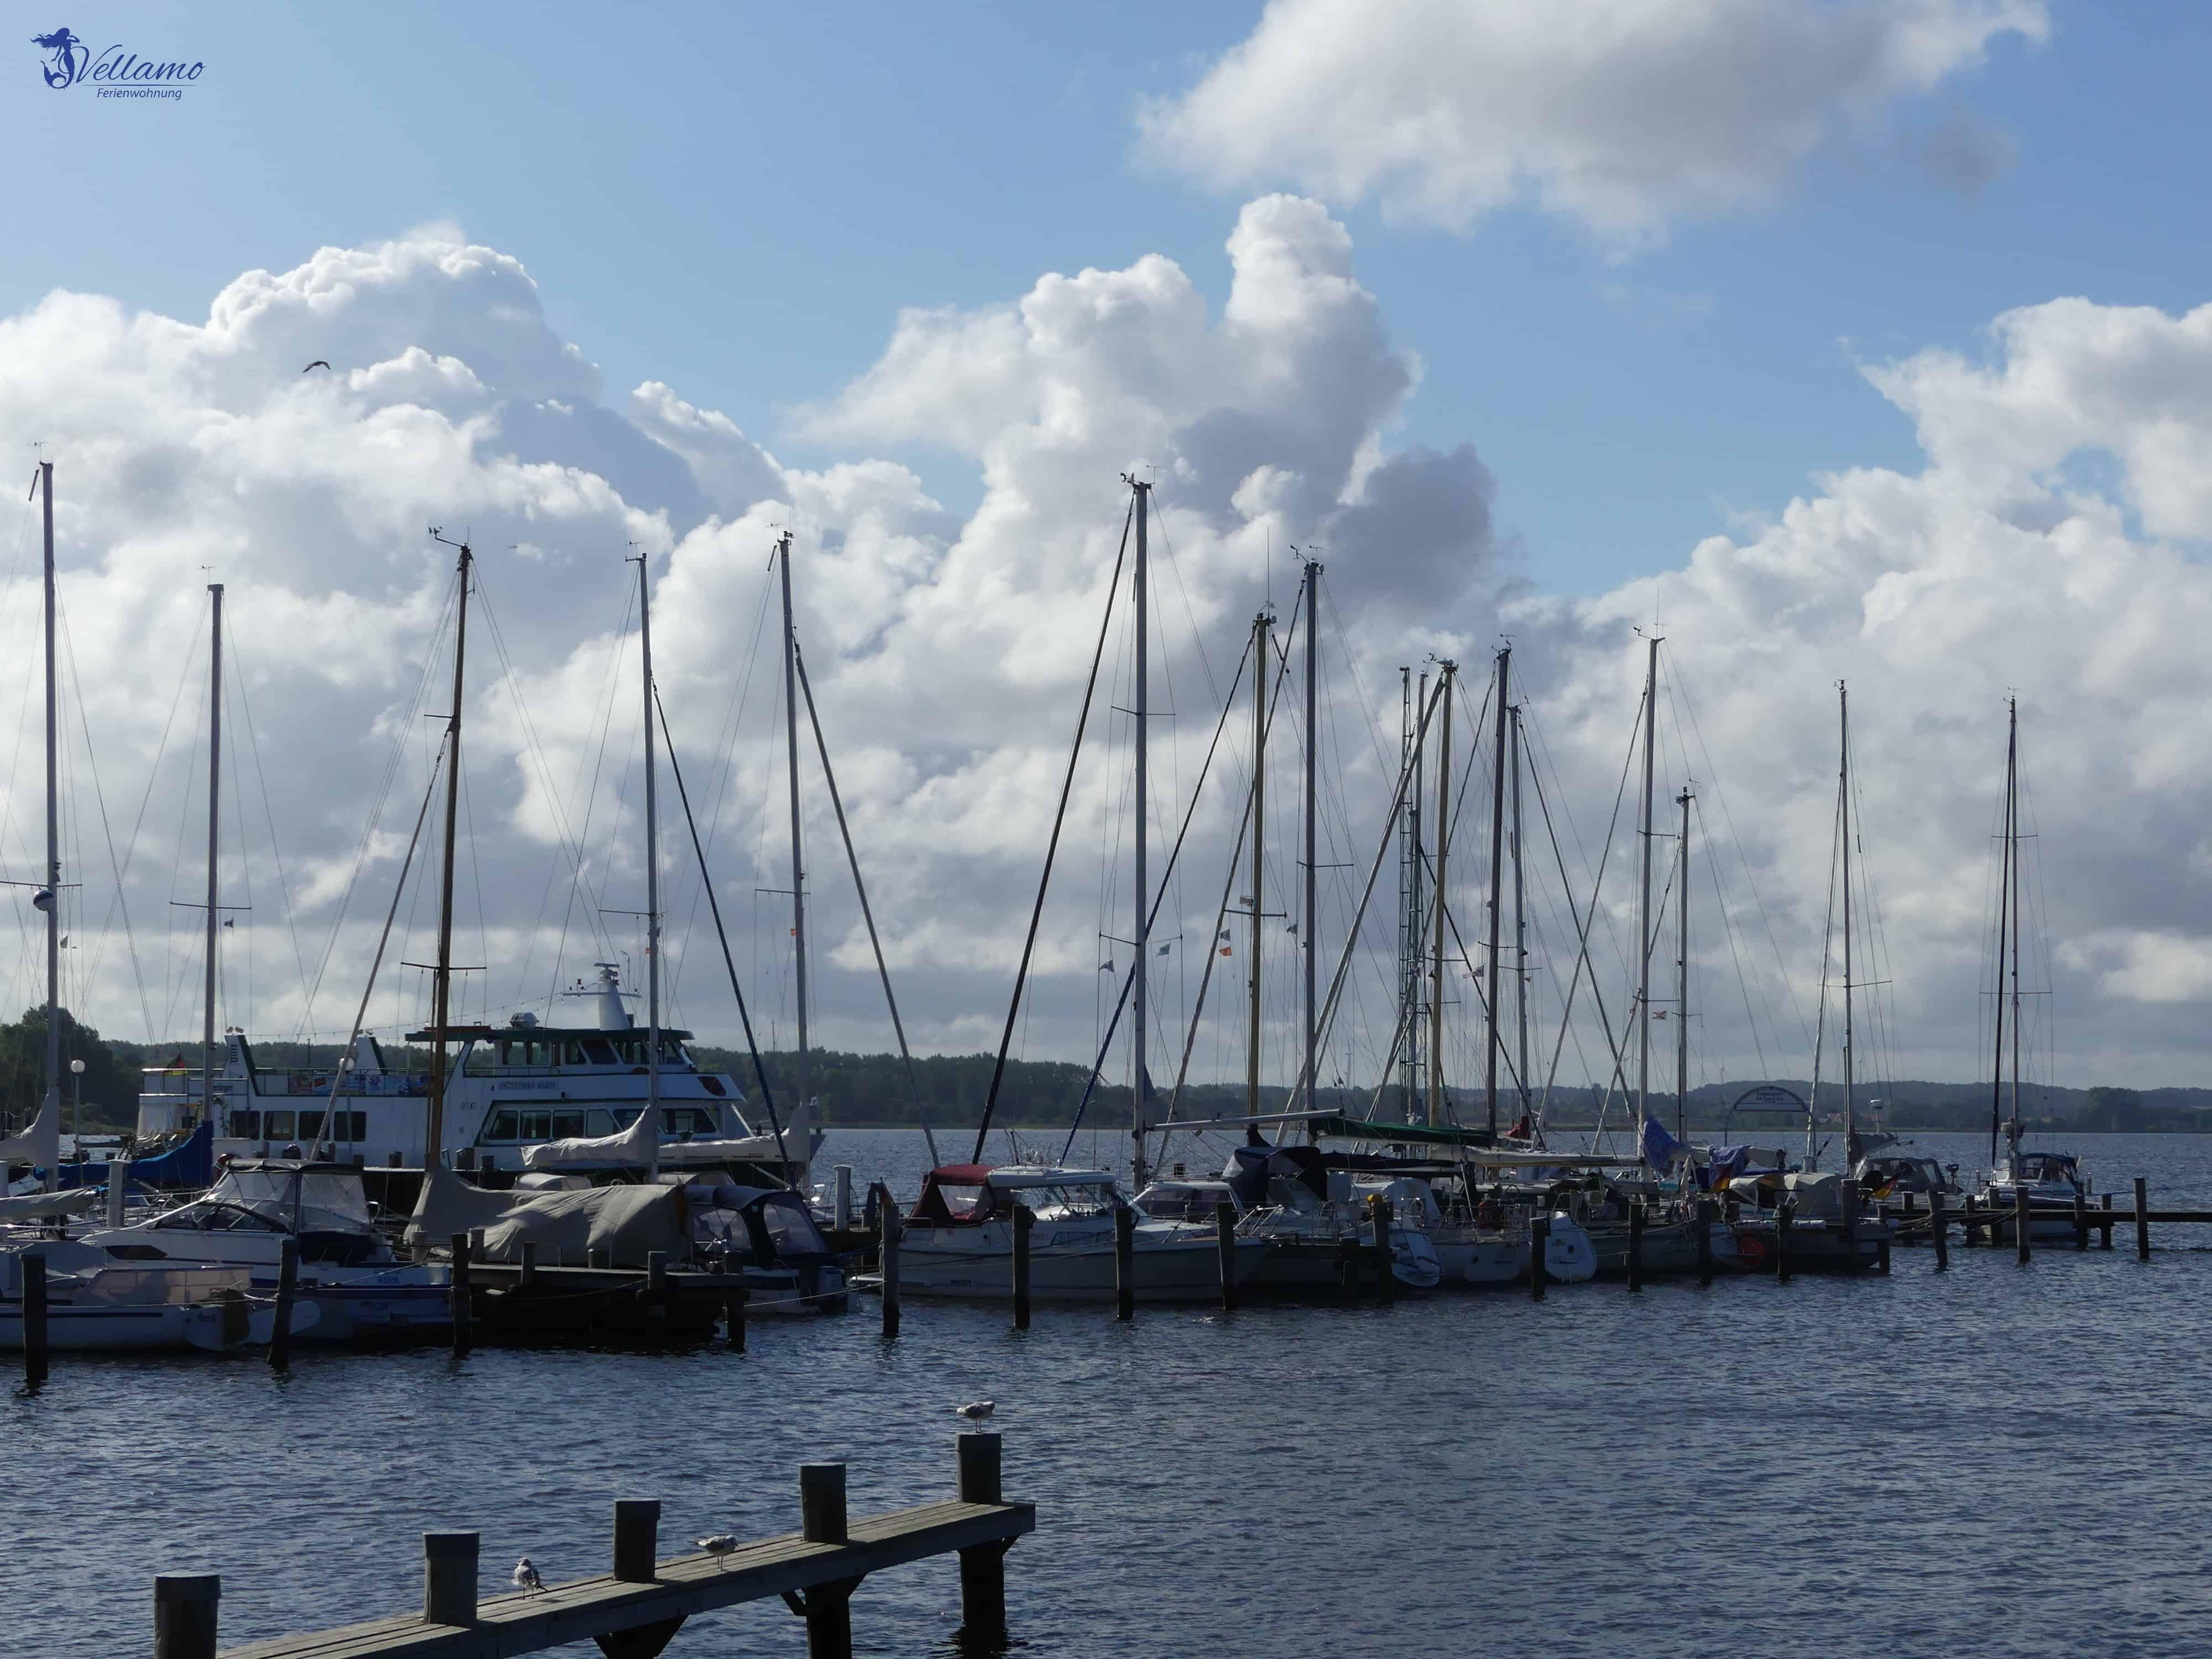 Impressionen Ostseebad Rerik - Hafen Rerik